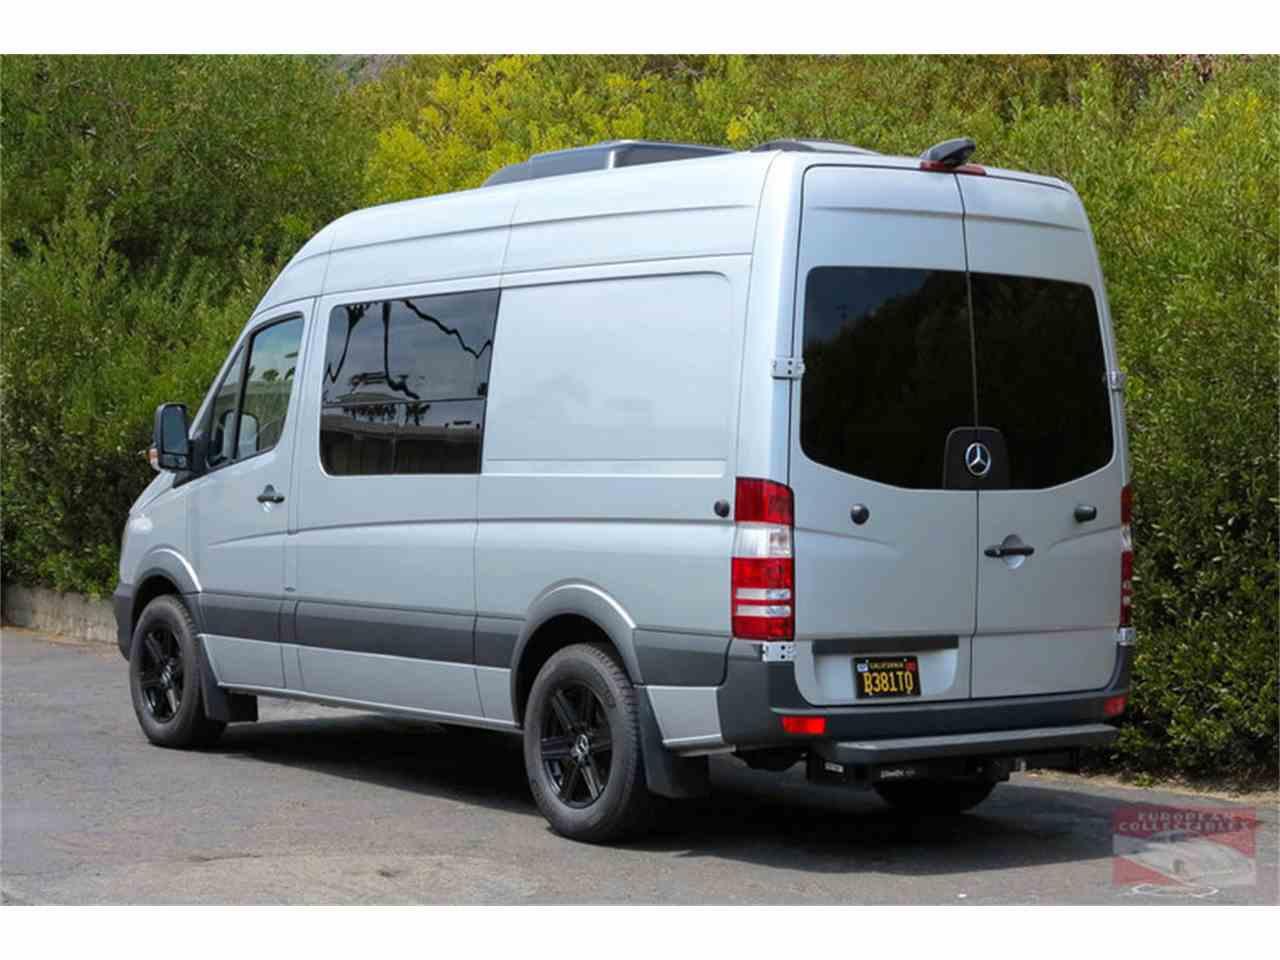 2016 mercedes benz sprinter 2500 custom camper for sale for Mercedes benz sprinter campervan for sale